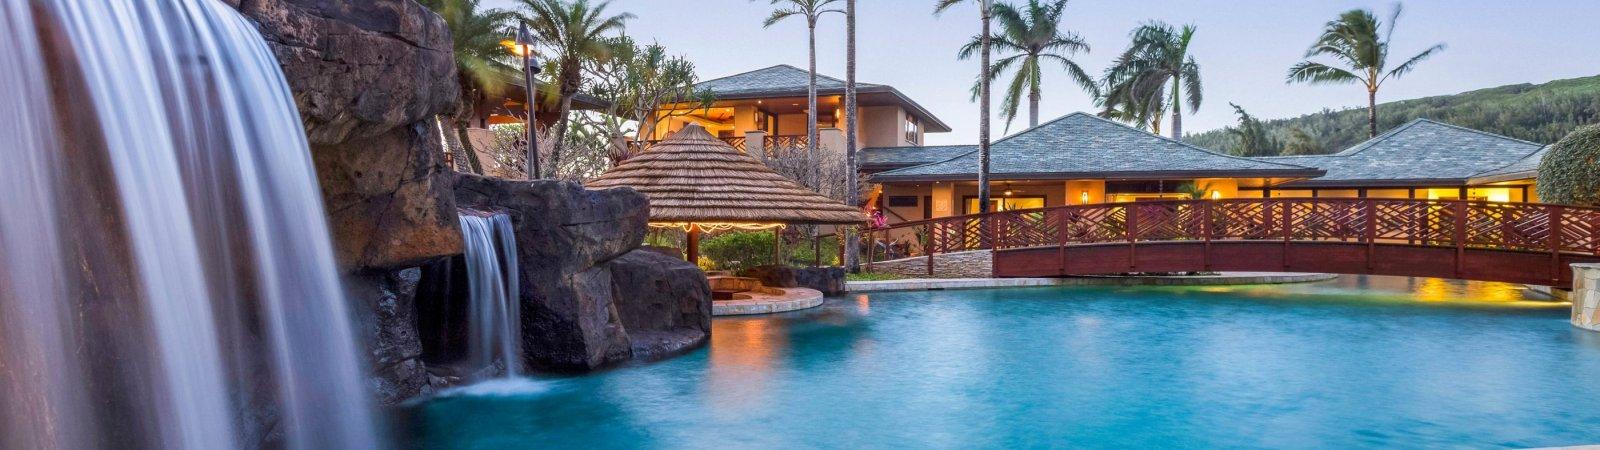 3941 Palai Moana Place, Kauai